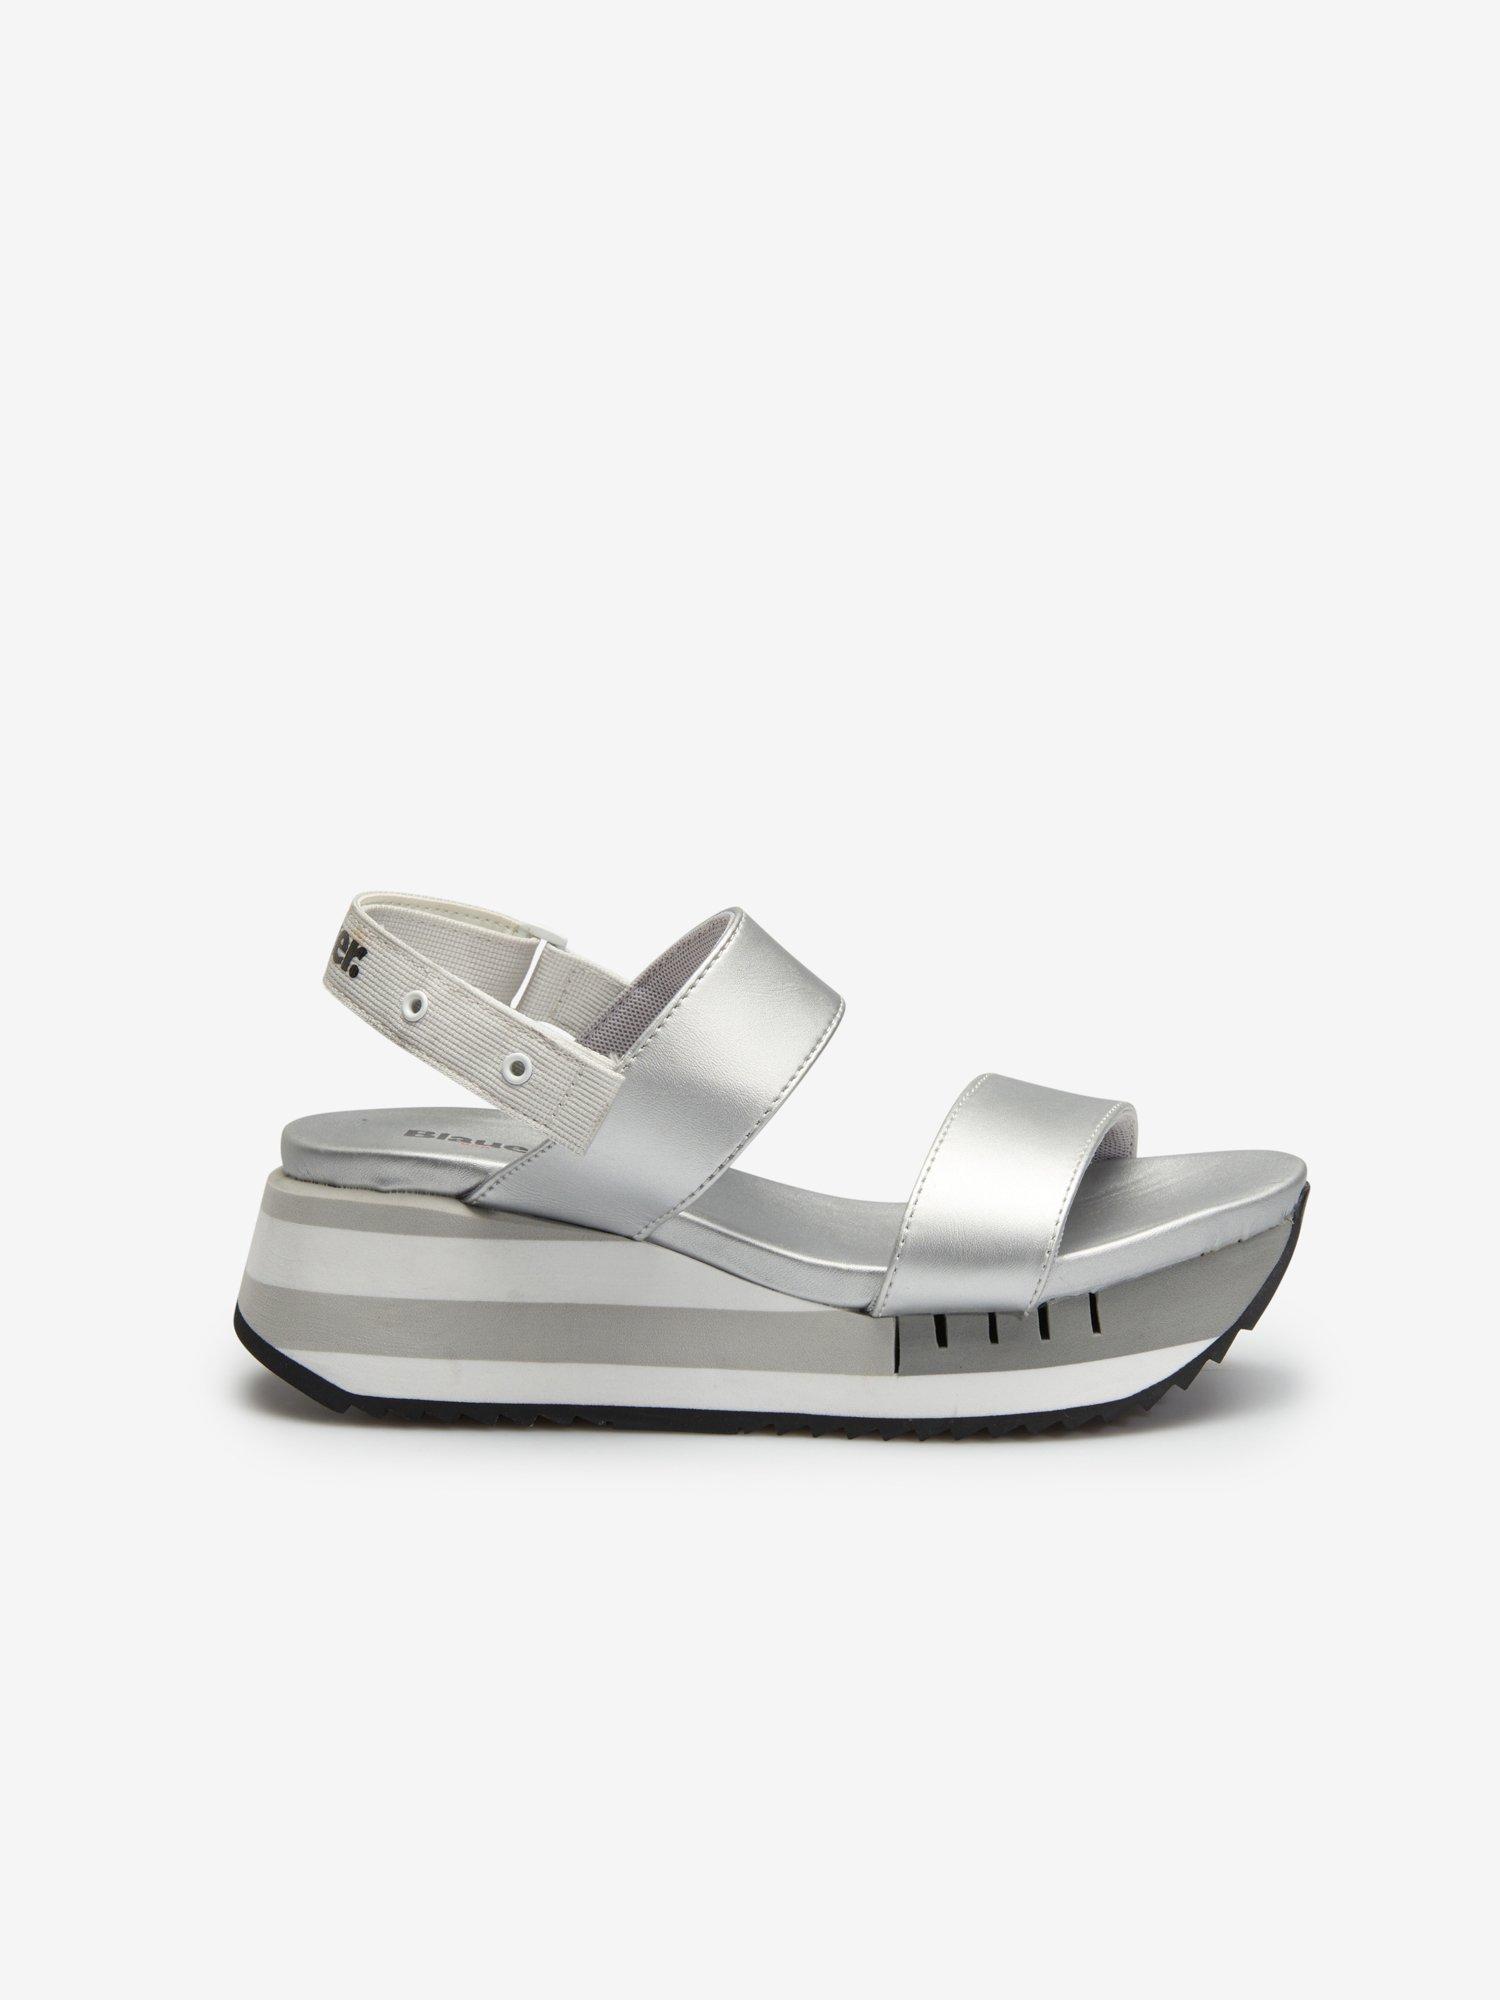 Blauer - Charlotte Silver Sandals - Silver - Blauer